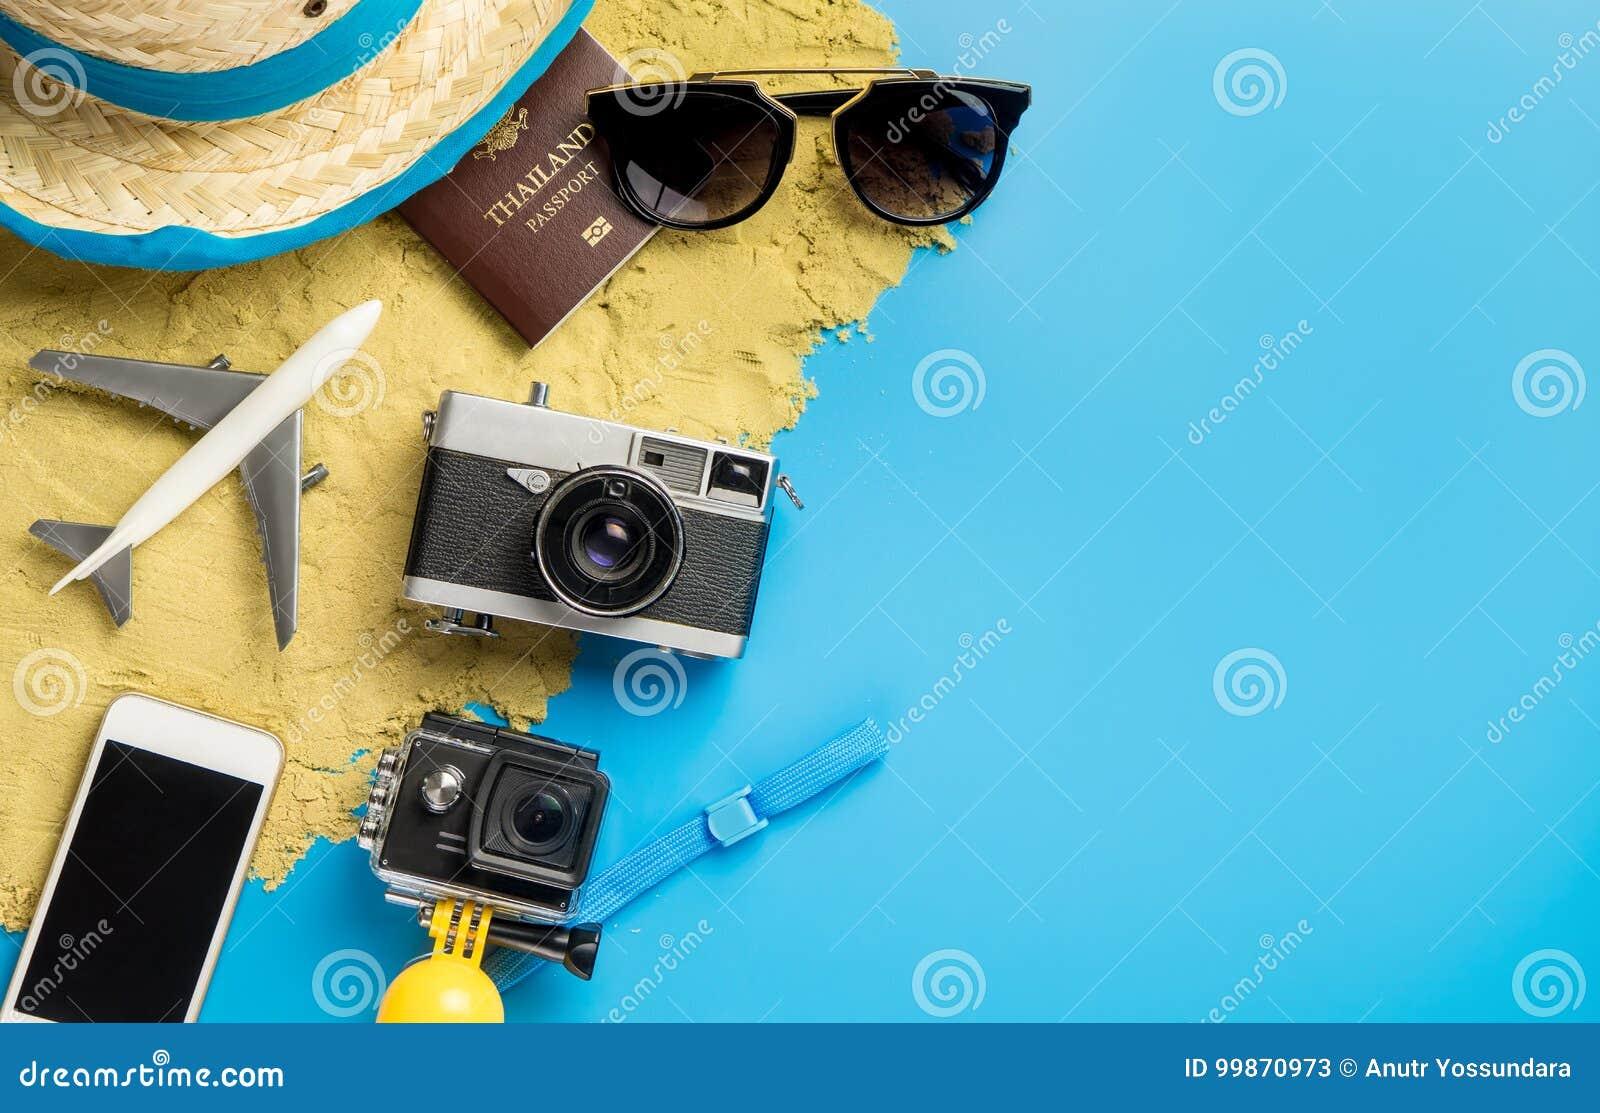 Αντικείμενο και συσκευές ταξιδιού παραλιών για τον ταξιδιώτη διακοπών στο μπλε διάστημα αντιγράφων